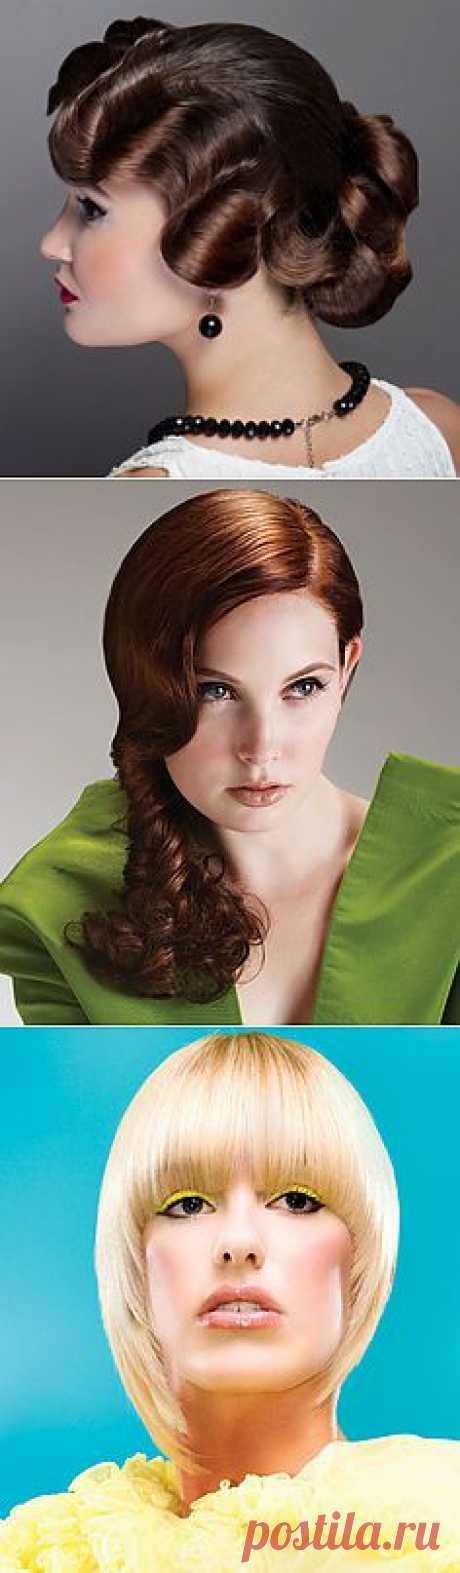 Модные прически и стрижки, красота и здоровье волос